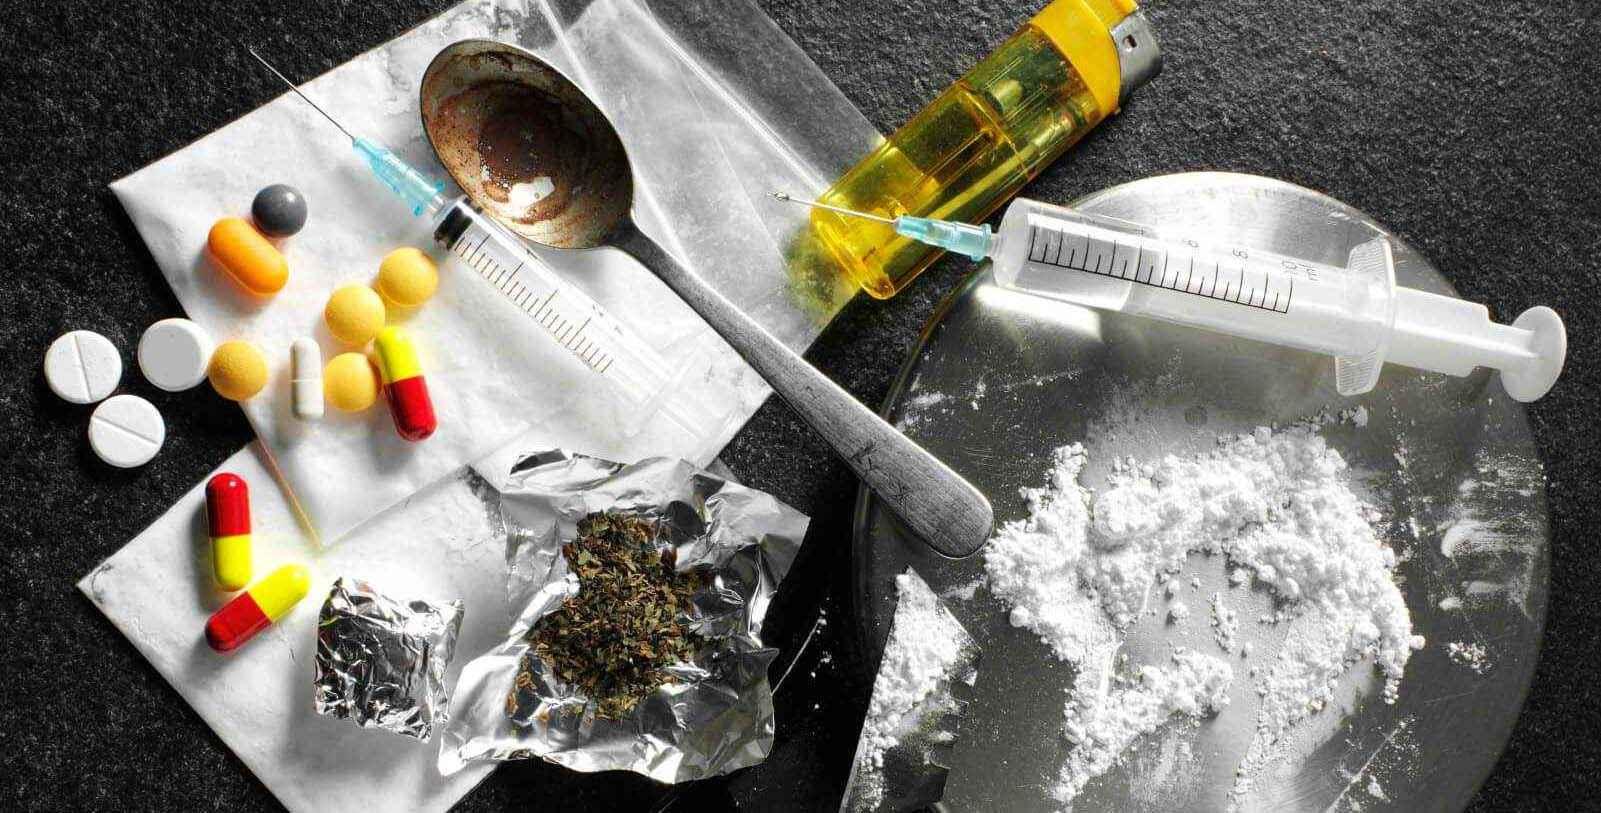 Norweski Parlament przegłosował dekryminalizację wszystkich narkotyków